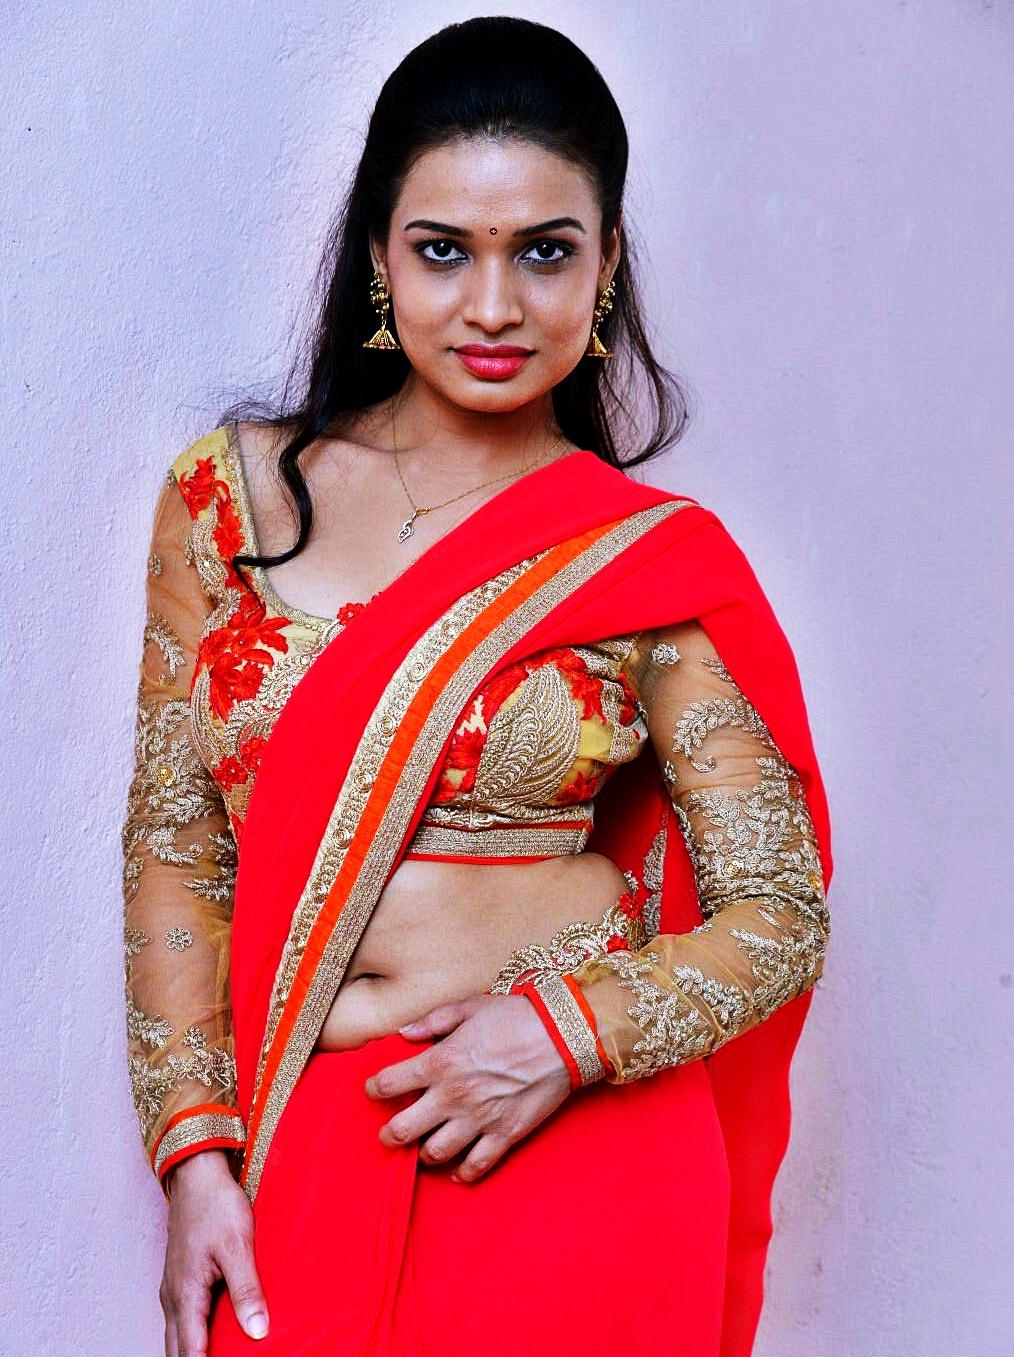 Big Boobs Sexy Indian